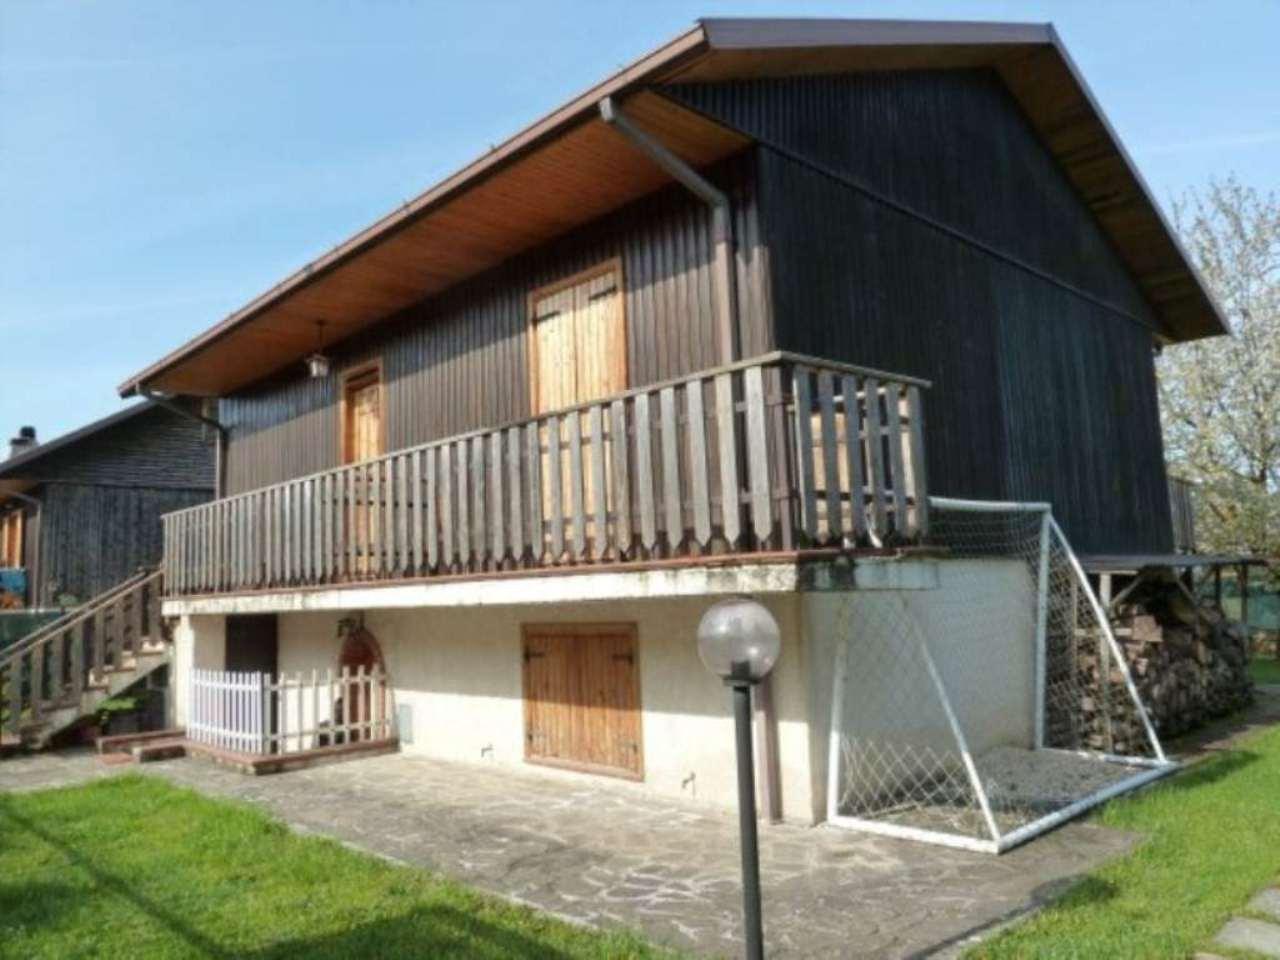 Villa in vendita a Oricola, 5 locali, prezzo € 220.000 | Cambio Casa.it